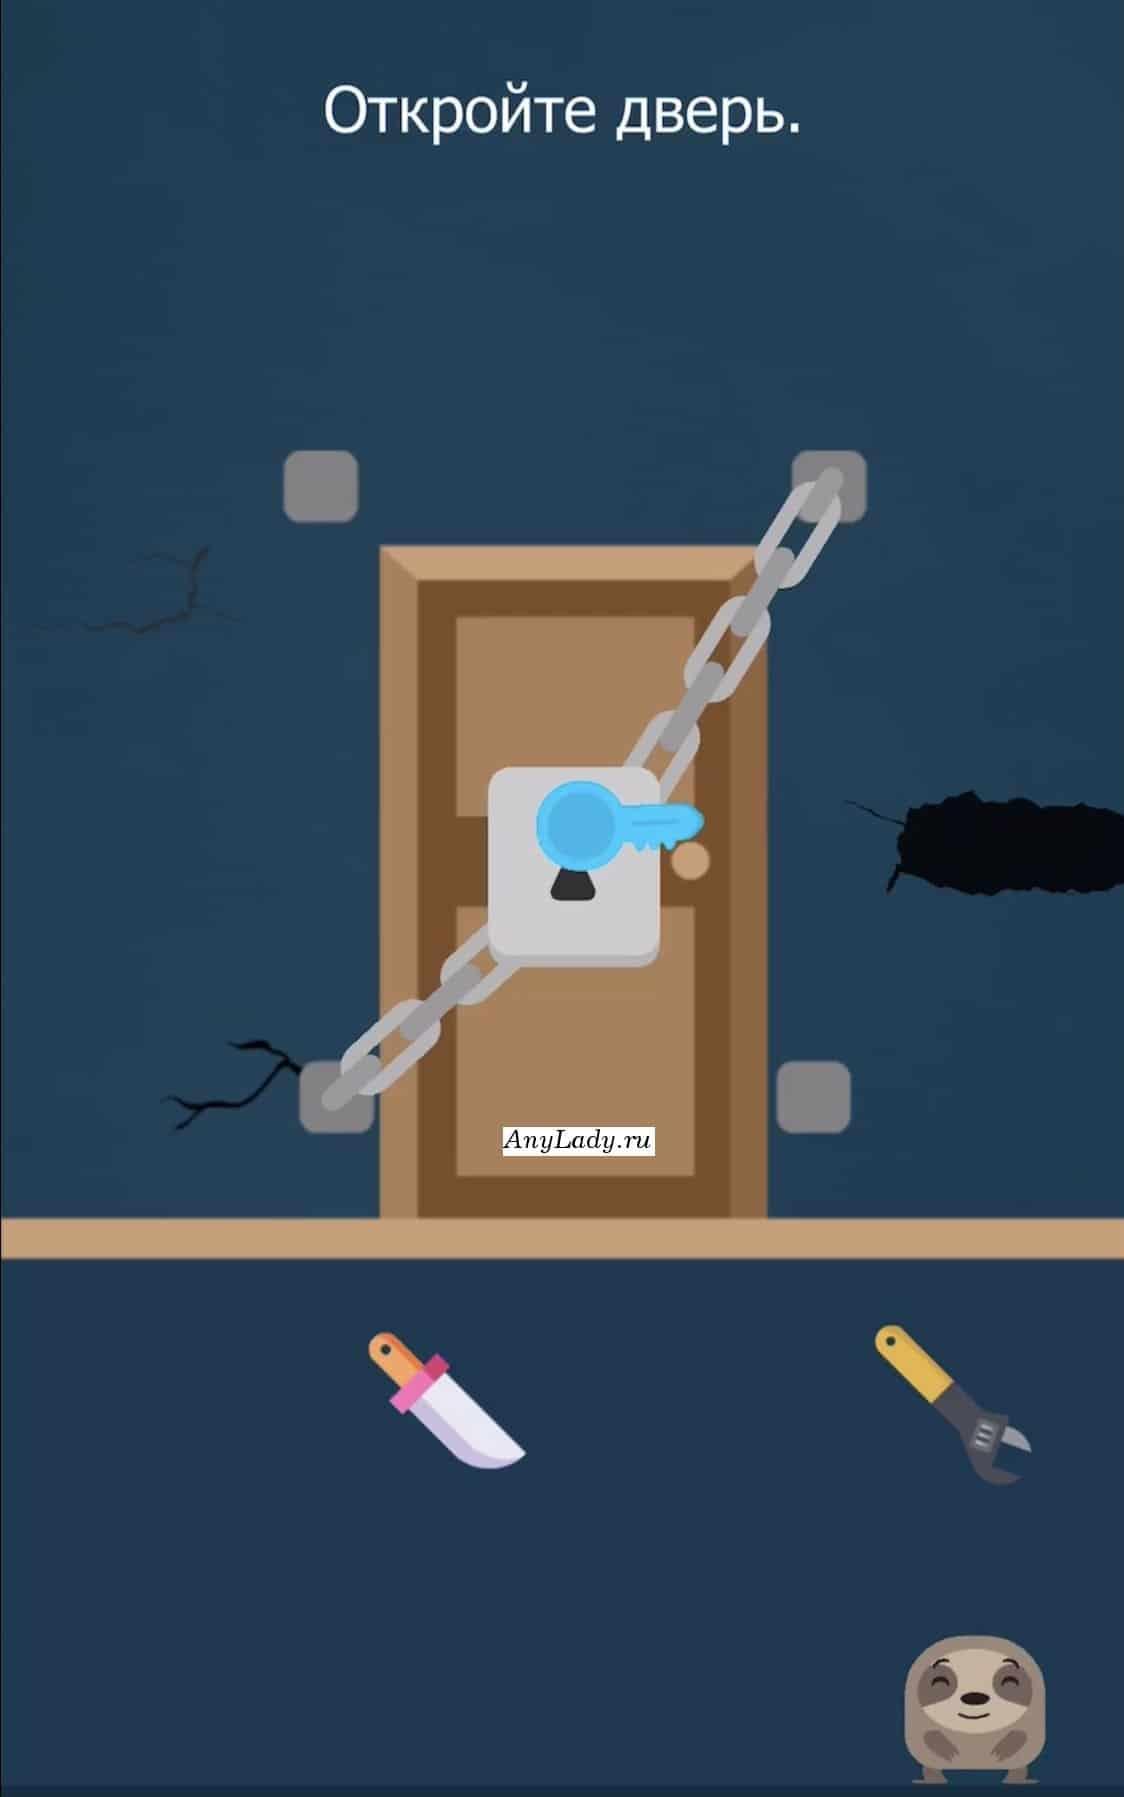 Перенесите  оба ключа на замок, далее, по правую сторону двери есть трещина - бейте по ней. Стена разобьется и появится ключ, перенесите третий ключ к остальным ключам и дверь откроется.